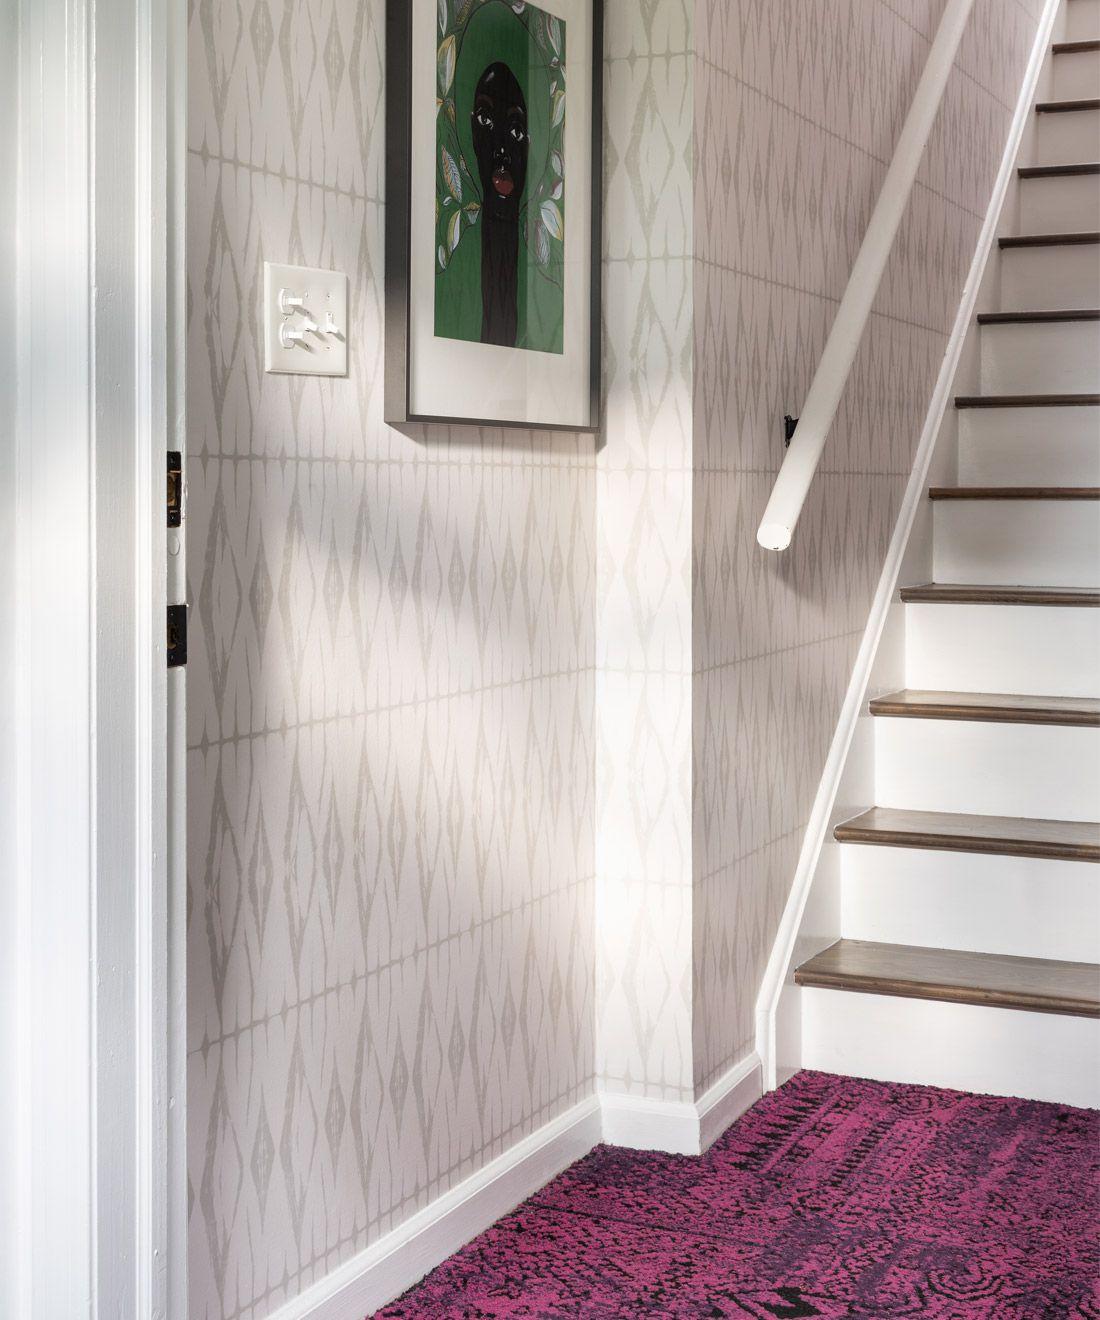 Shibori Diamonds wallpaper • Calm • Neutral Wallpaper • Beige Wallpaper •Geometric Wallpaper • Beth Diana Smith • Entryway Wallpaper